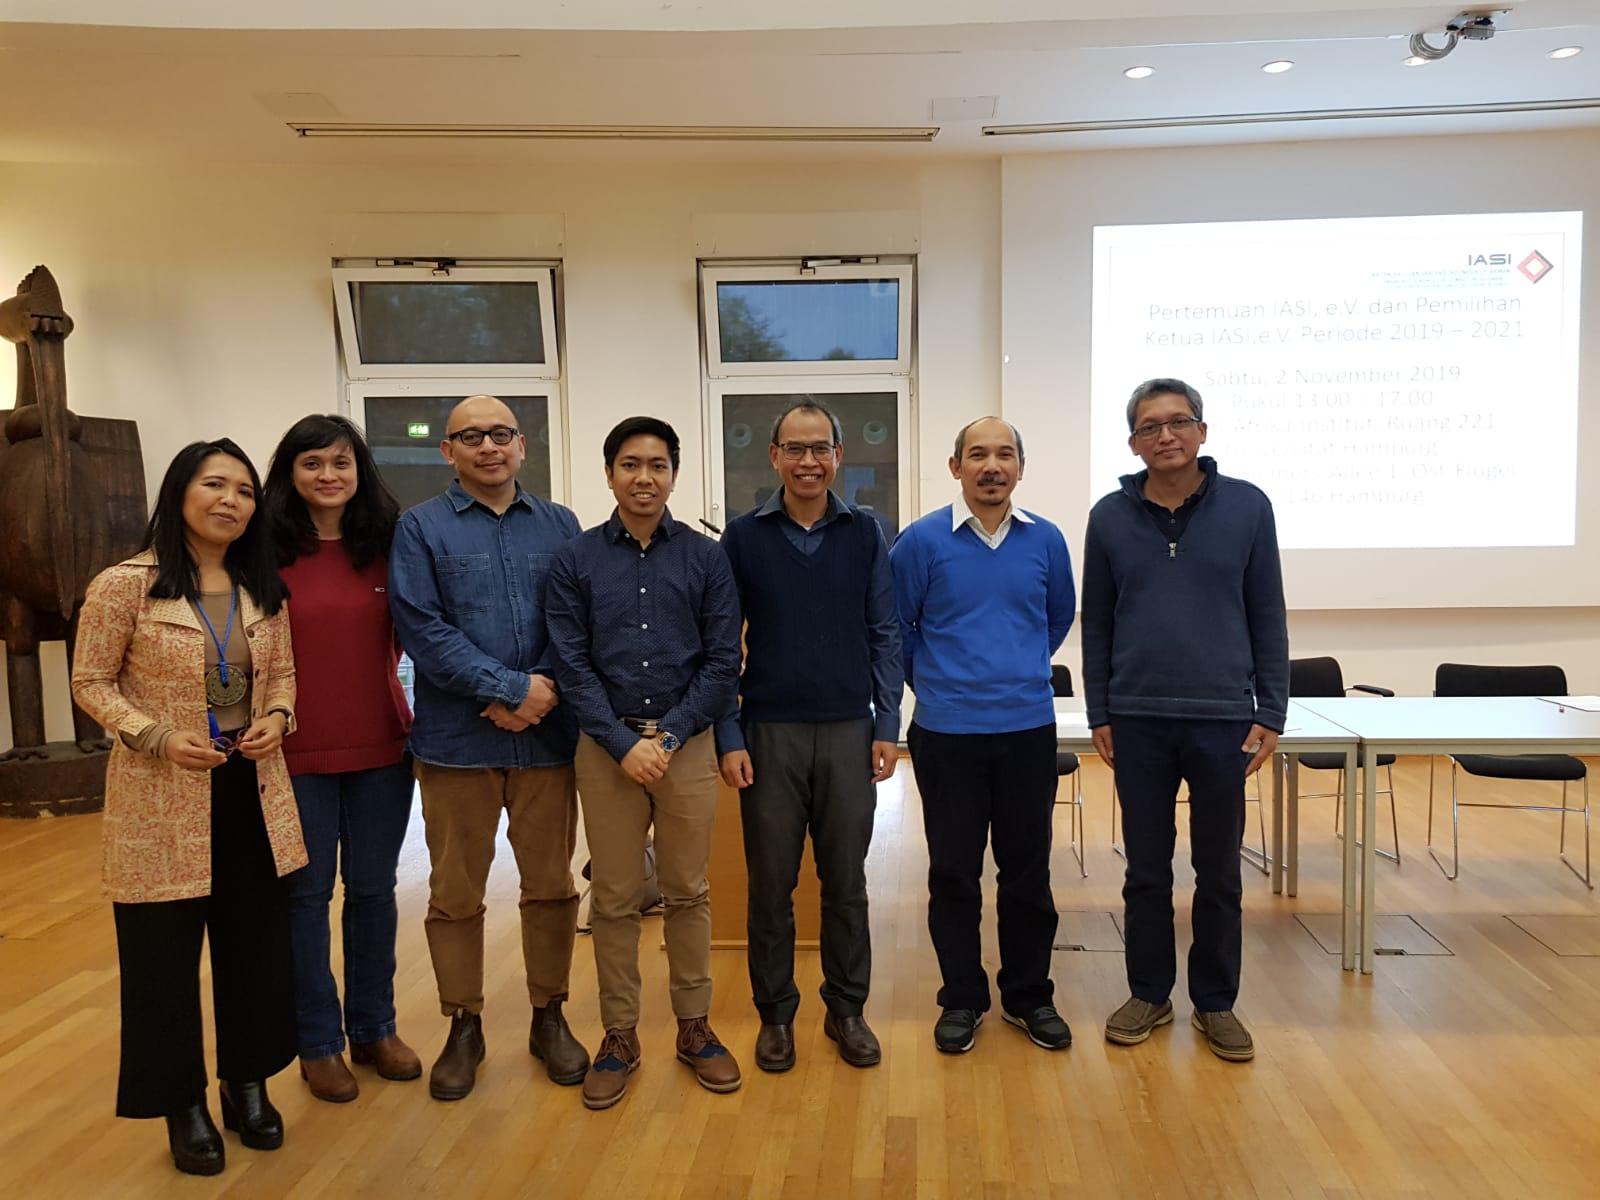 Notulensi Pertemuan dan Pemilihan Ketua IASI, e.V. Periode 2019 – 2021.